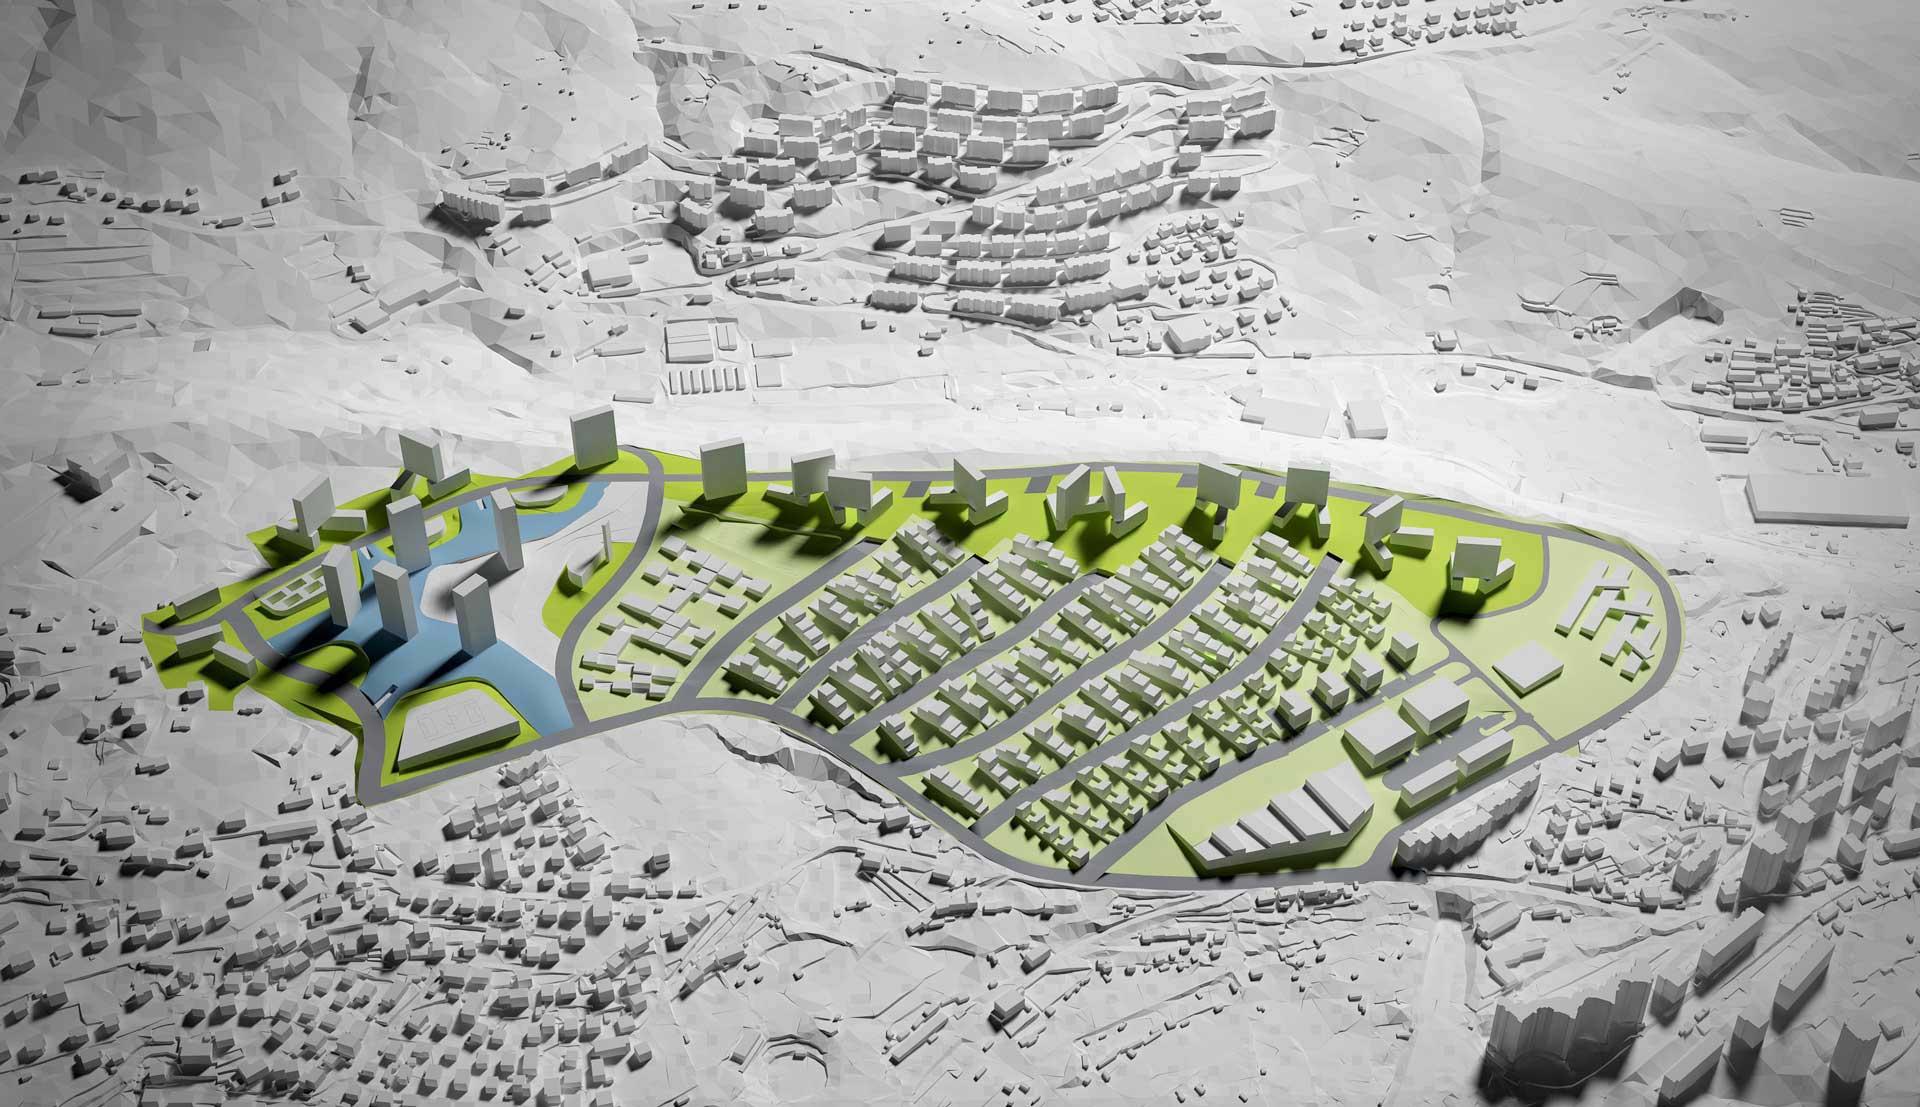 Urban_development_visualisation_render